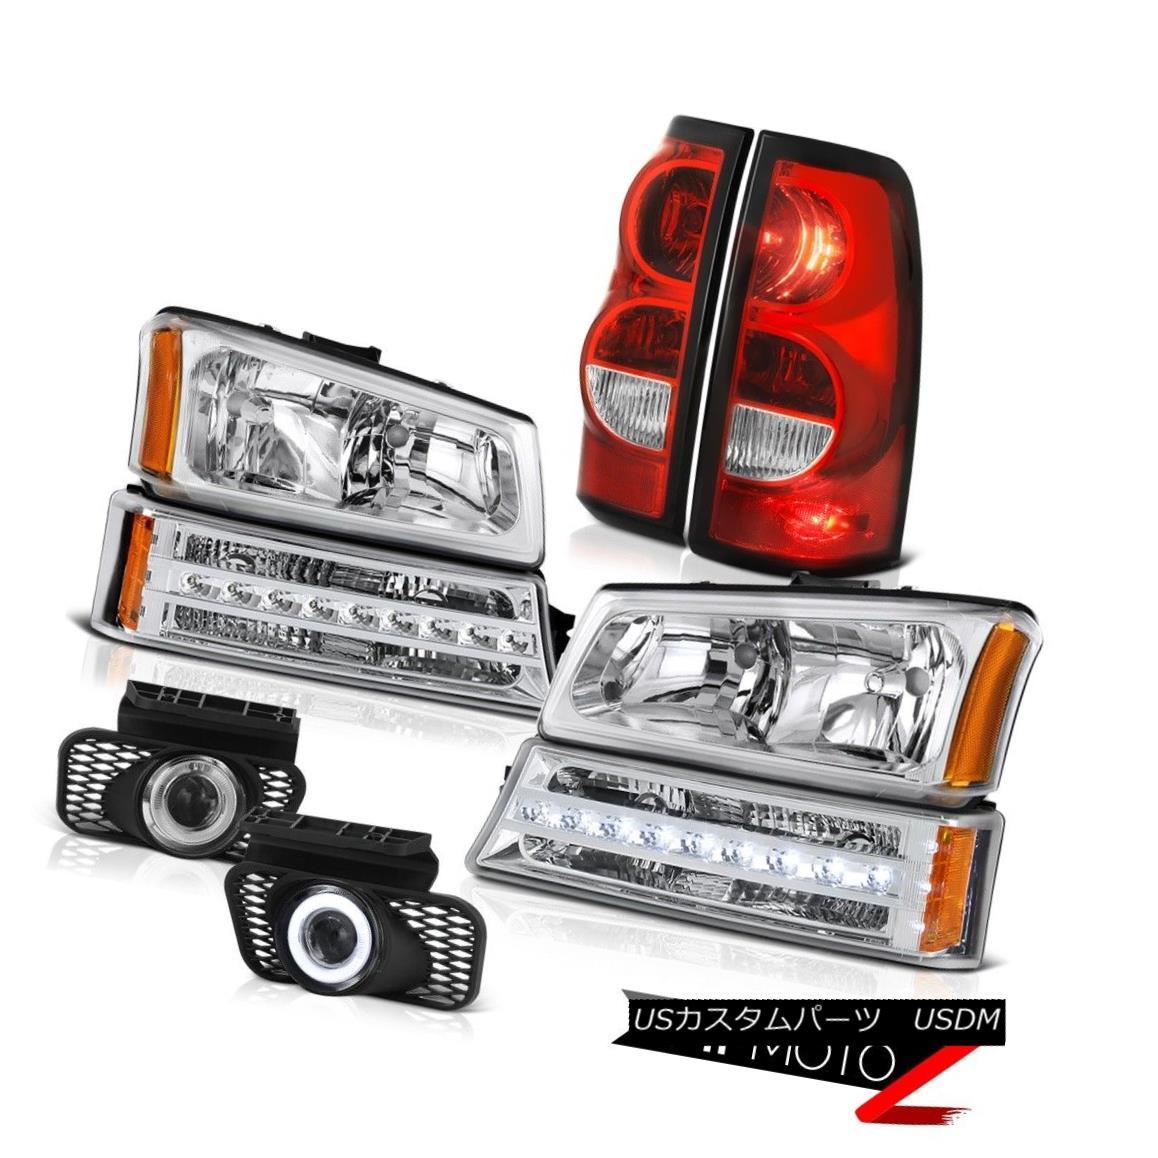 テールライト 03-06 Silverado Crystal Clear Foglamps Red Tail Lights Turn Signal Headlamps 03-06シルバラードクリスタルクリアフォグランプレッドテールライトターンシグナルヘッドランプ